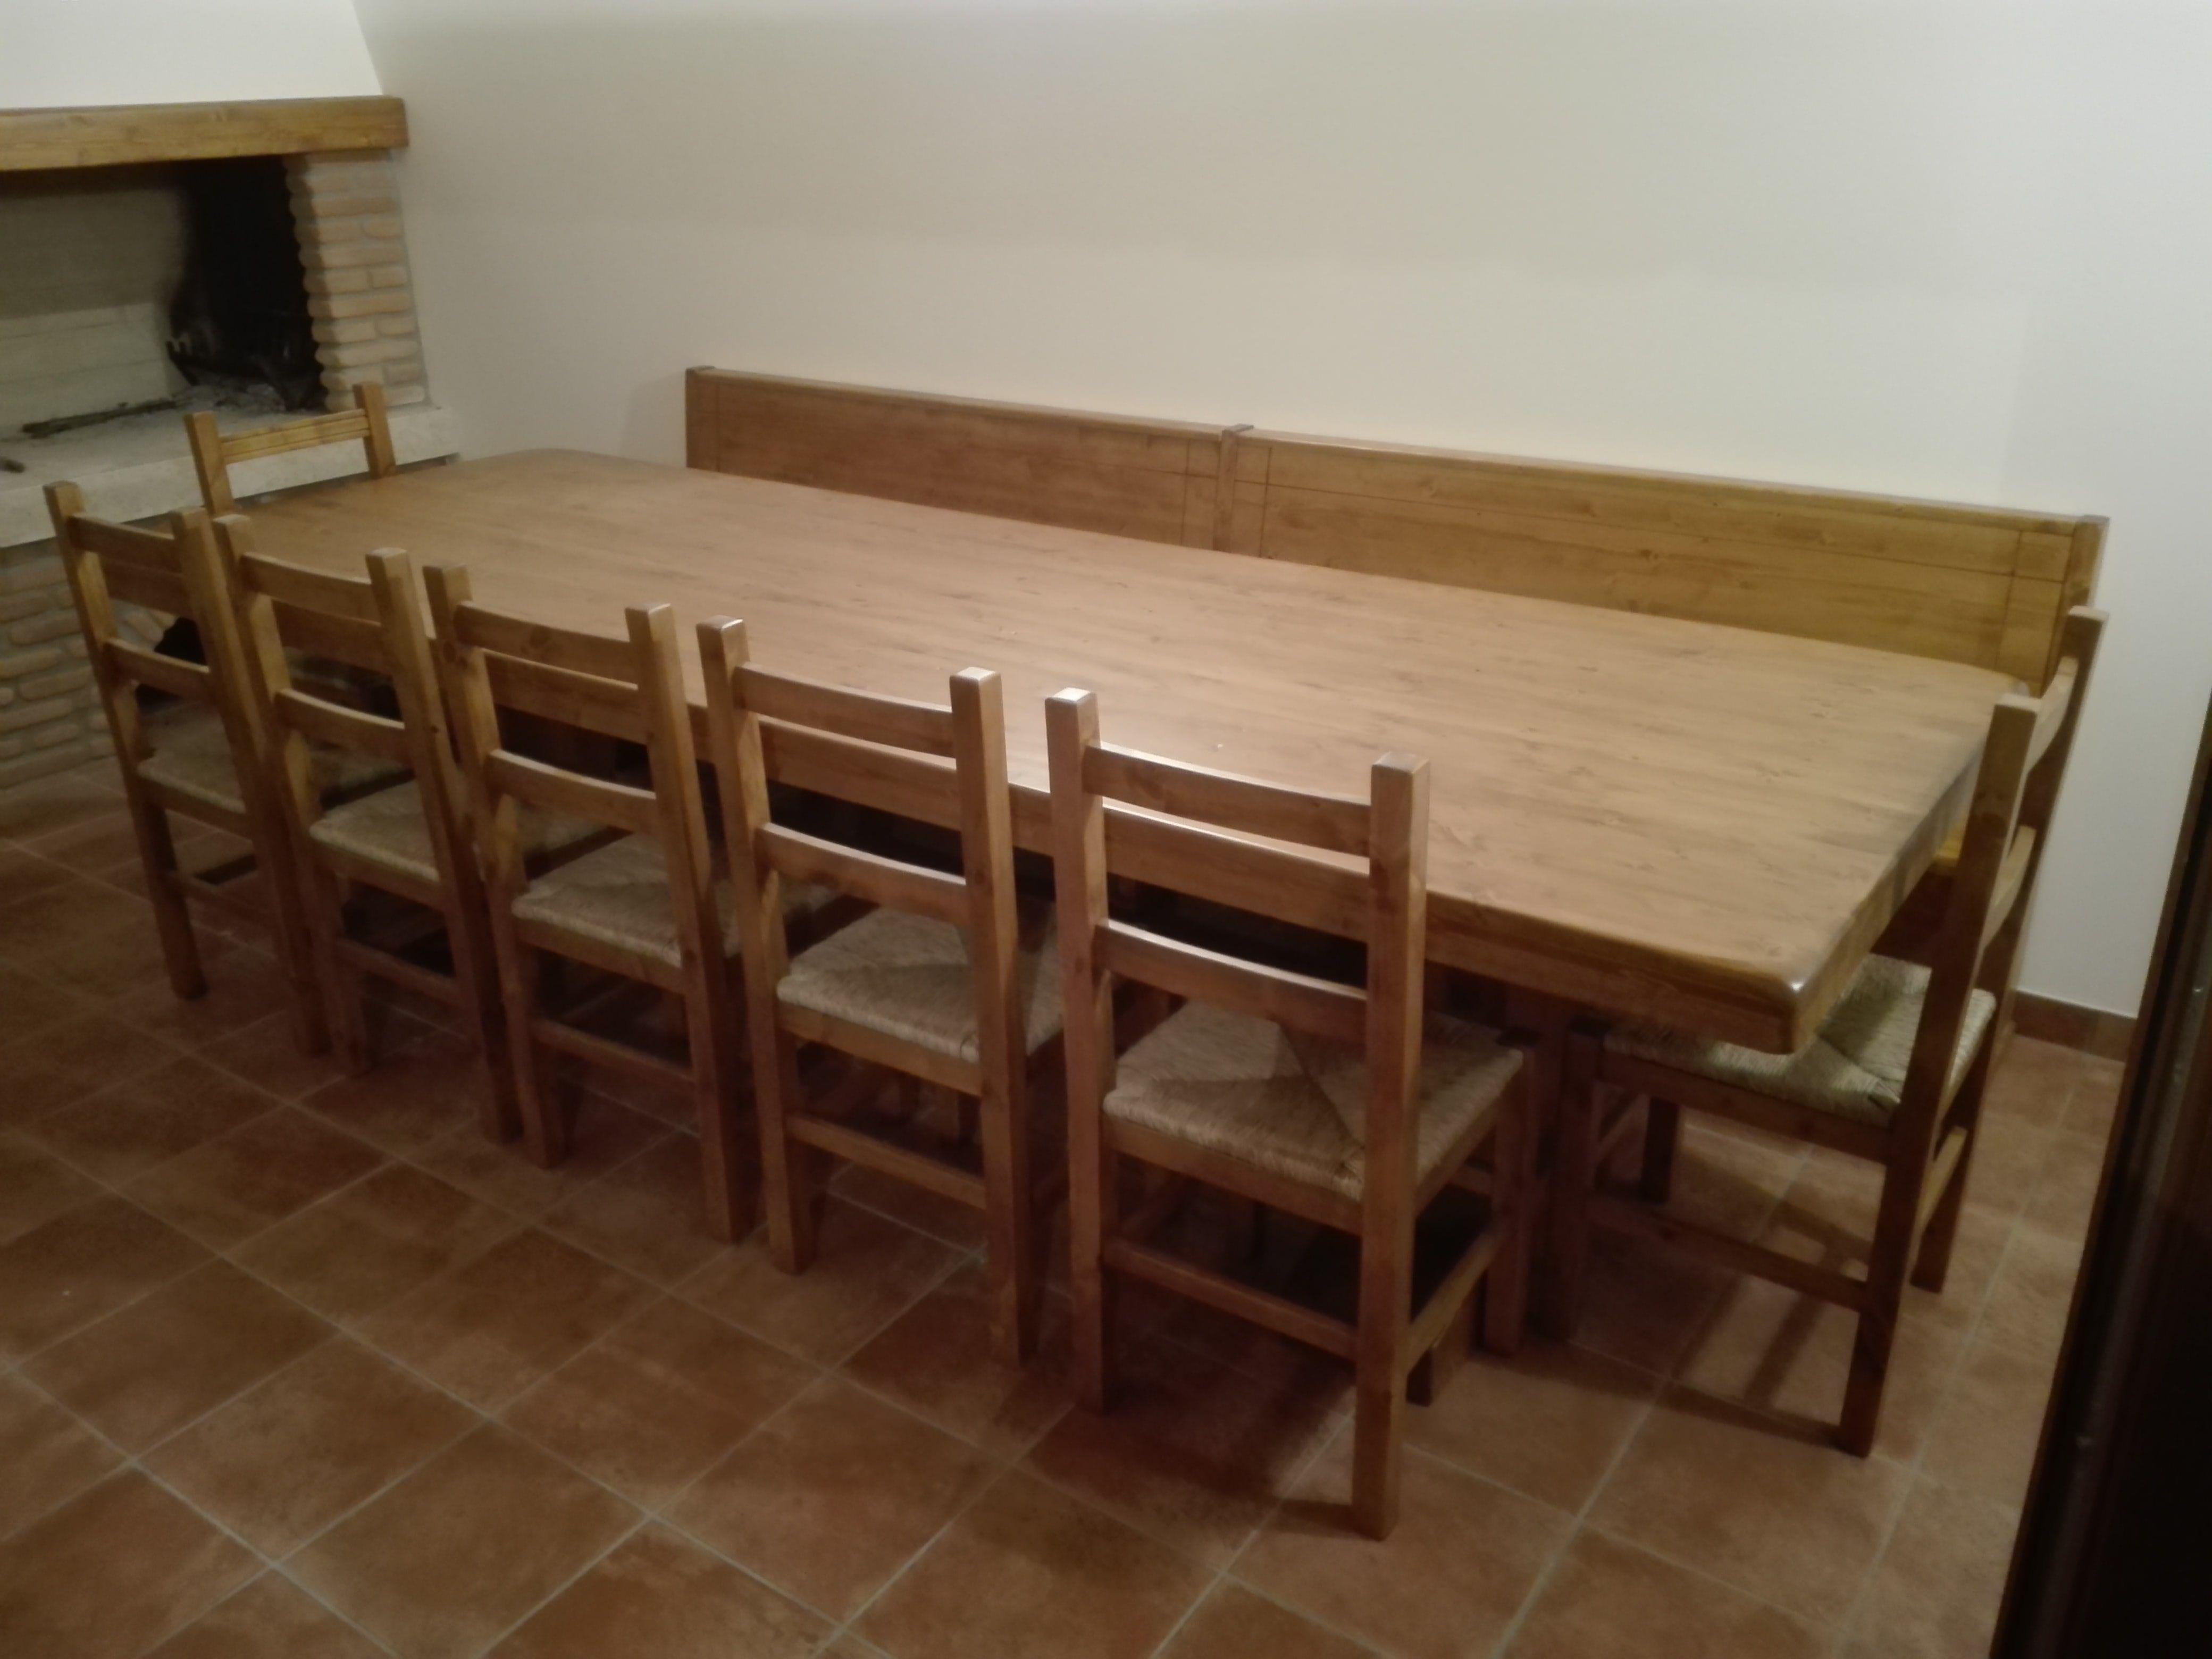 Tavoli Taverna Tre Metri Dove La Solidita Si Vede Realizzabili Con Misure Fino A 5 Metri Tavolitaverna Tavolile Tavoli Tavoli In Legno Tavolo Legno Massello